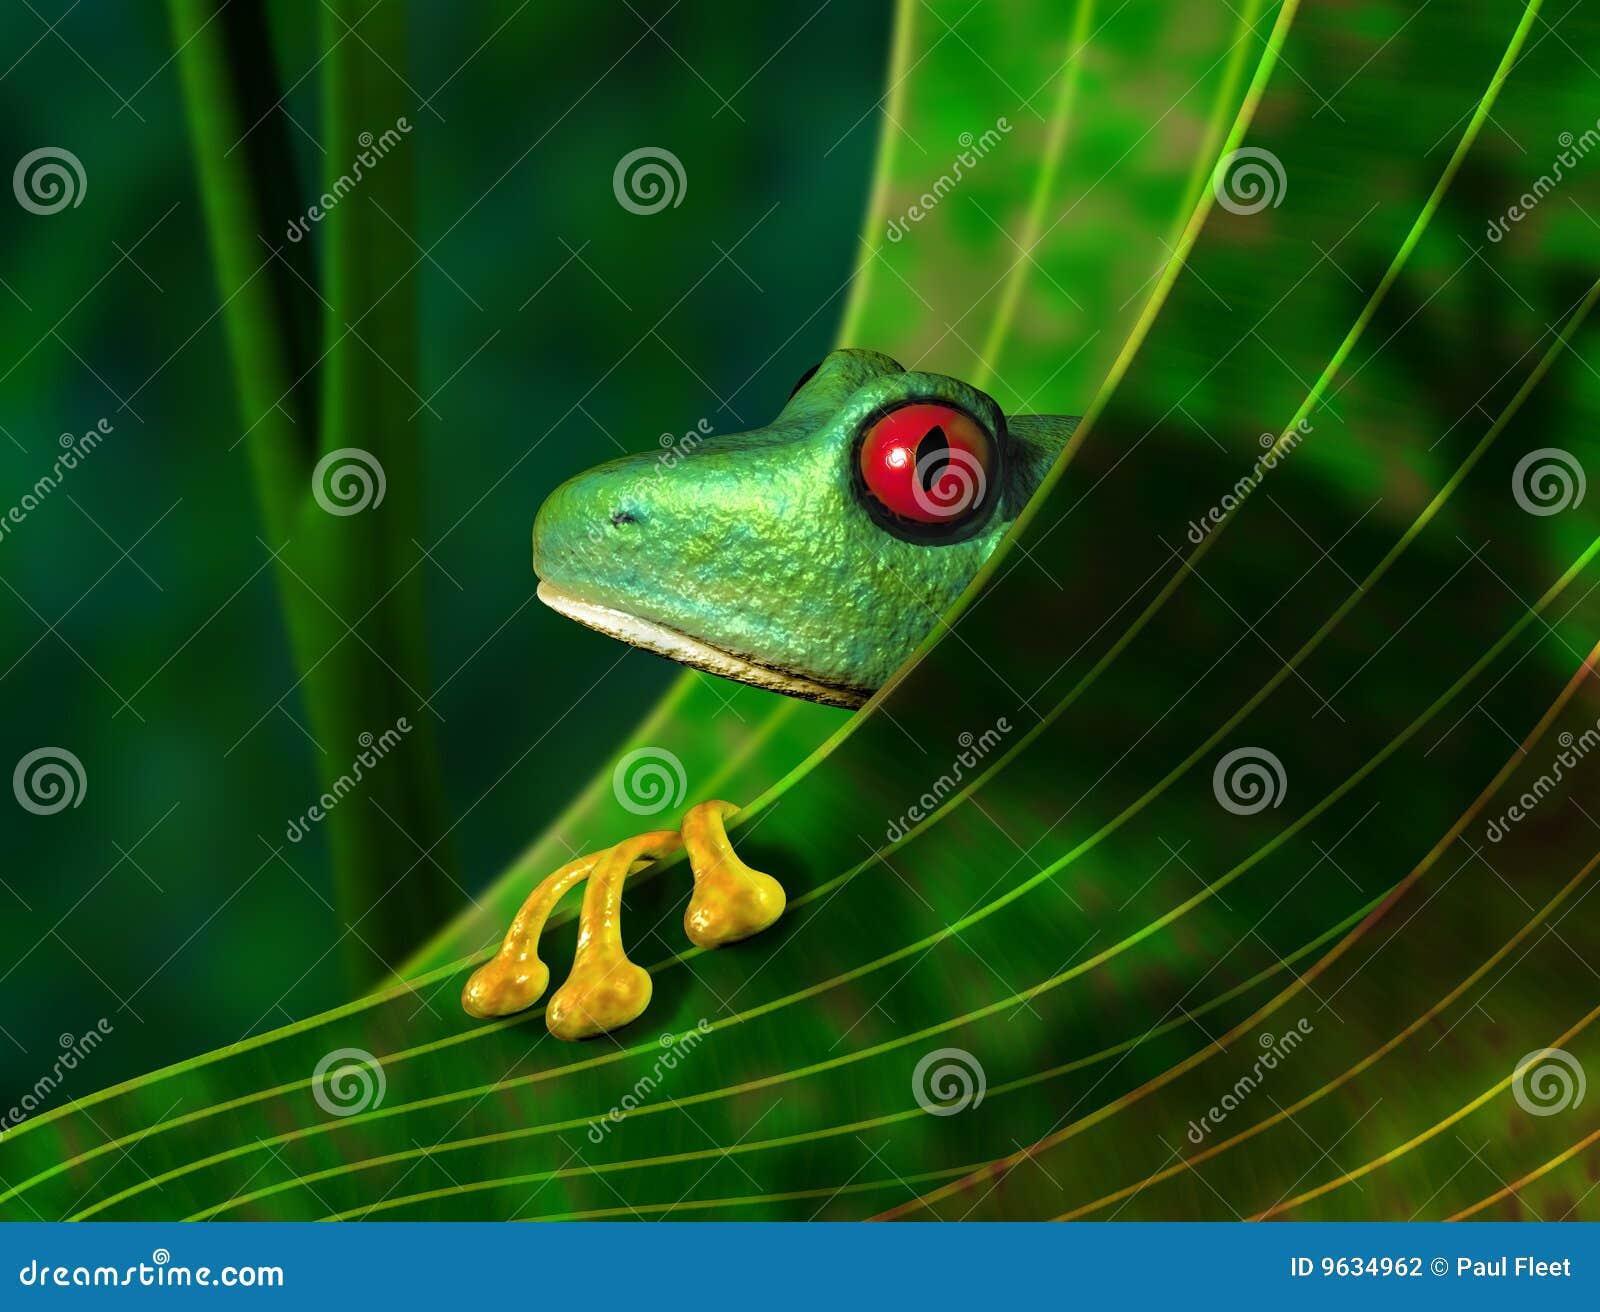 Endangered Rainforest Tree Frog